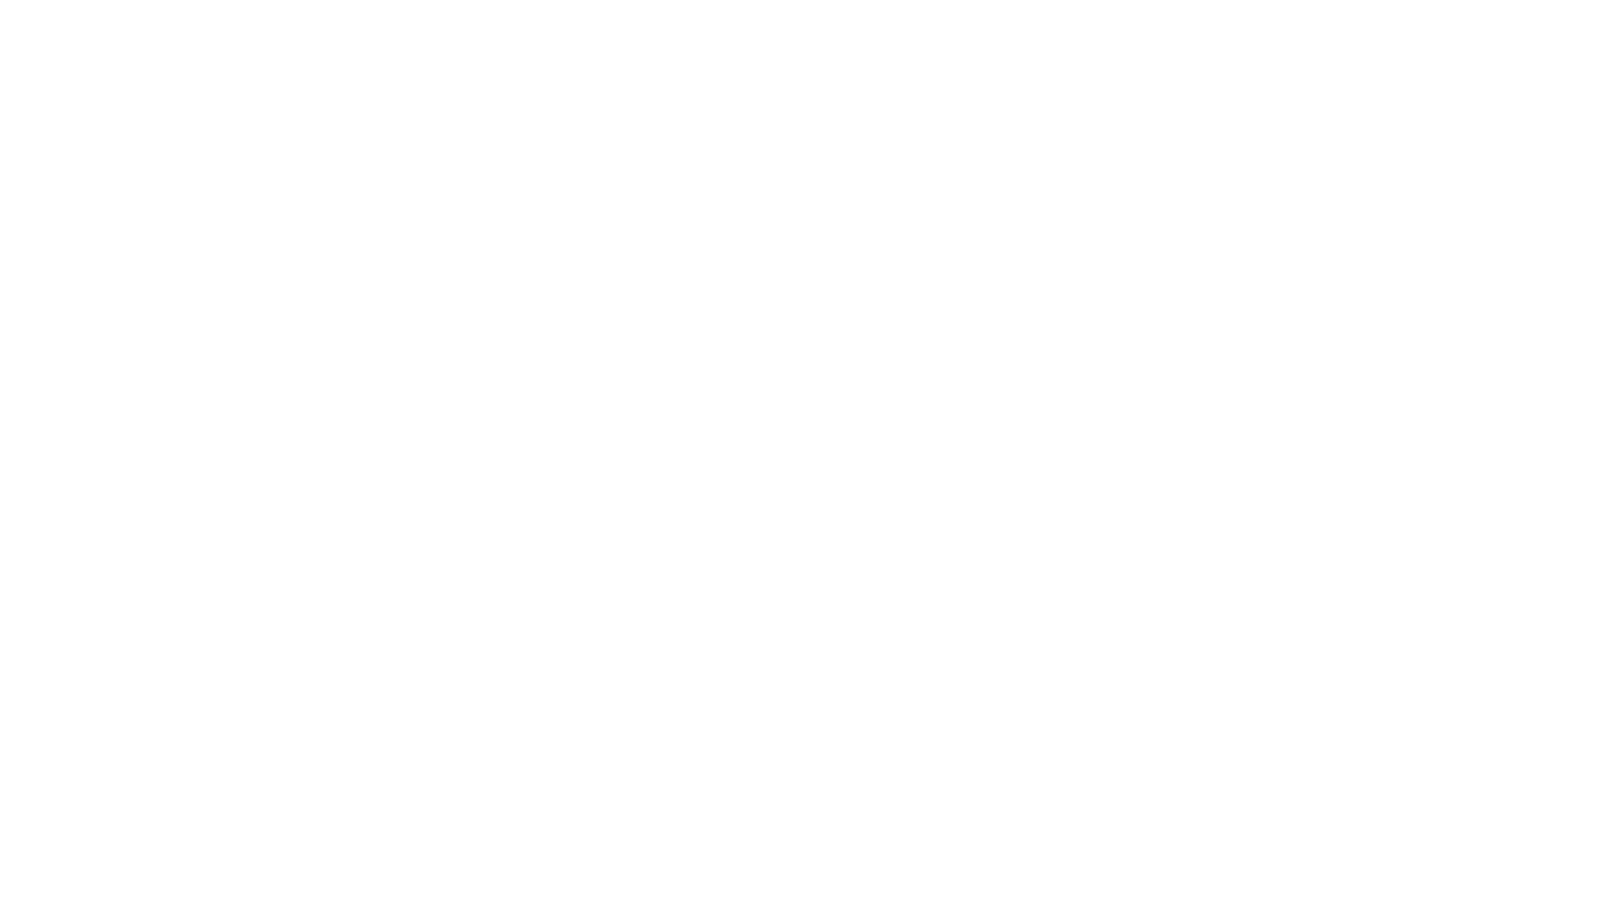 התאחדות הספורט לבתי הספר בישראל מברכת את המשלחת הישראלית לטוקיו!! 🥇🥈🥉ספורטאים/ות, מאמנים/ות, שחקני/ות עבר, אנשי תקשורת, כולם/ן שיתפו איתנו פעולה בסרטון, בשנה האחרונה ובכלל...איתכם/ן ודרככם שמחים וגאים לברך את המשלחת הישראלית לטוקיו 2020!!!🥇🥈🥉